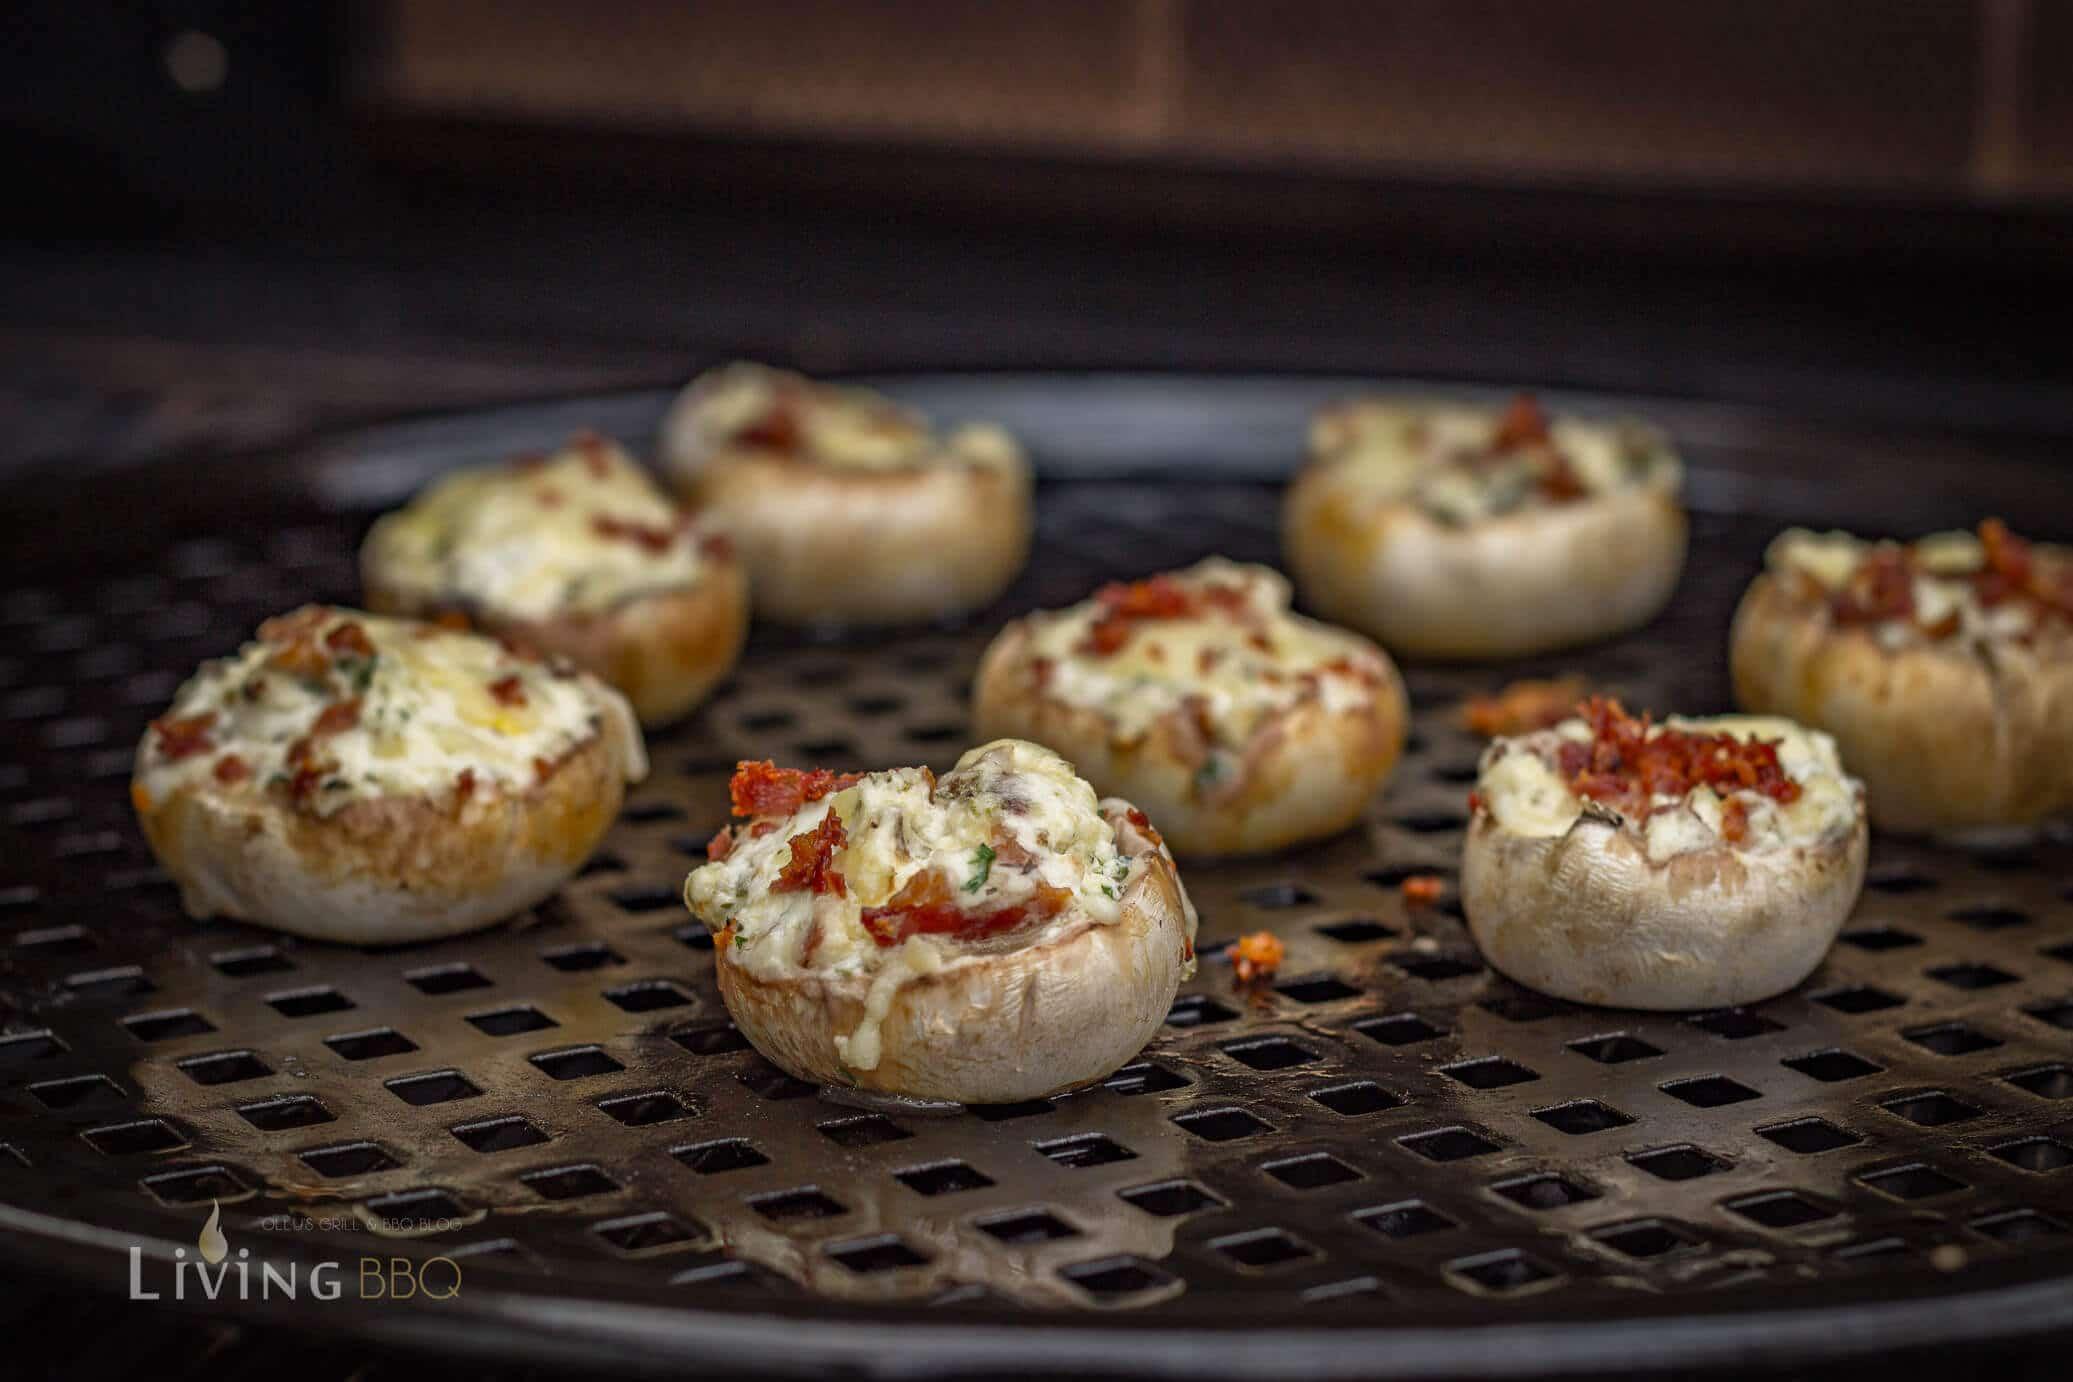 gefüllte Champignons vom Grill gefüllte champignons_Gefu  llte Champignons 7 von 9